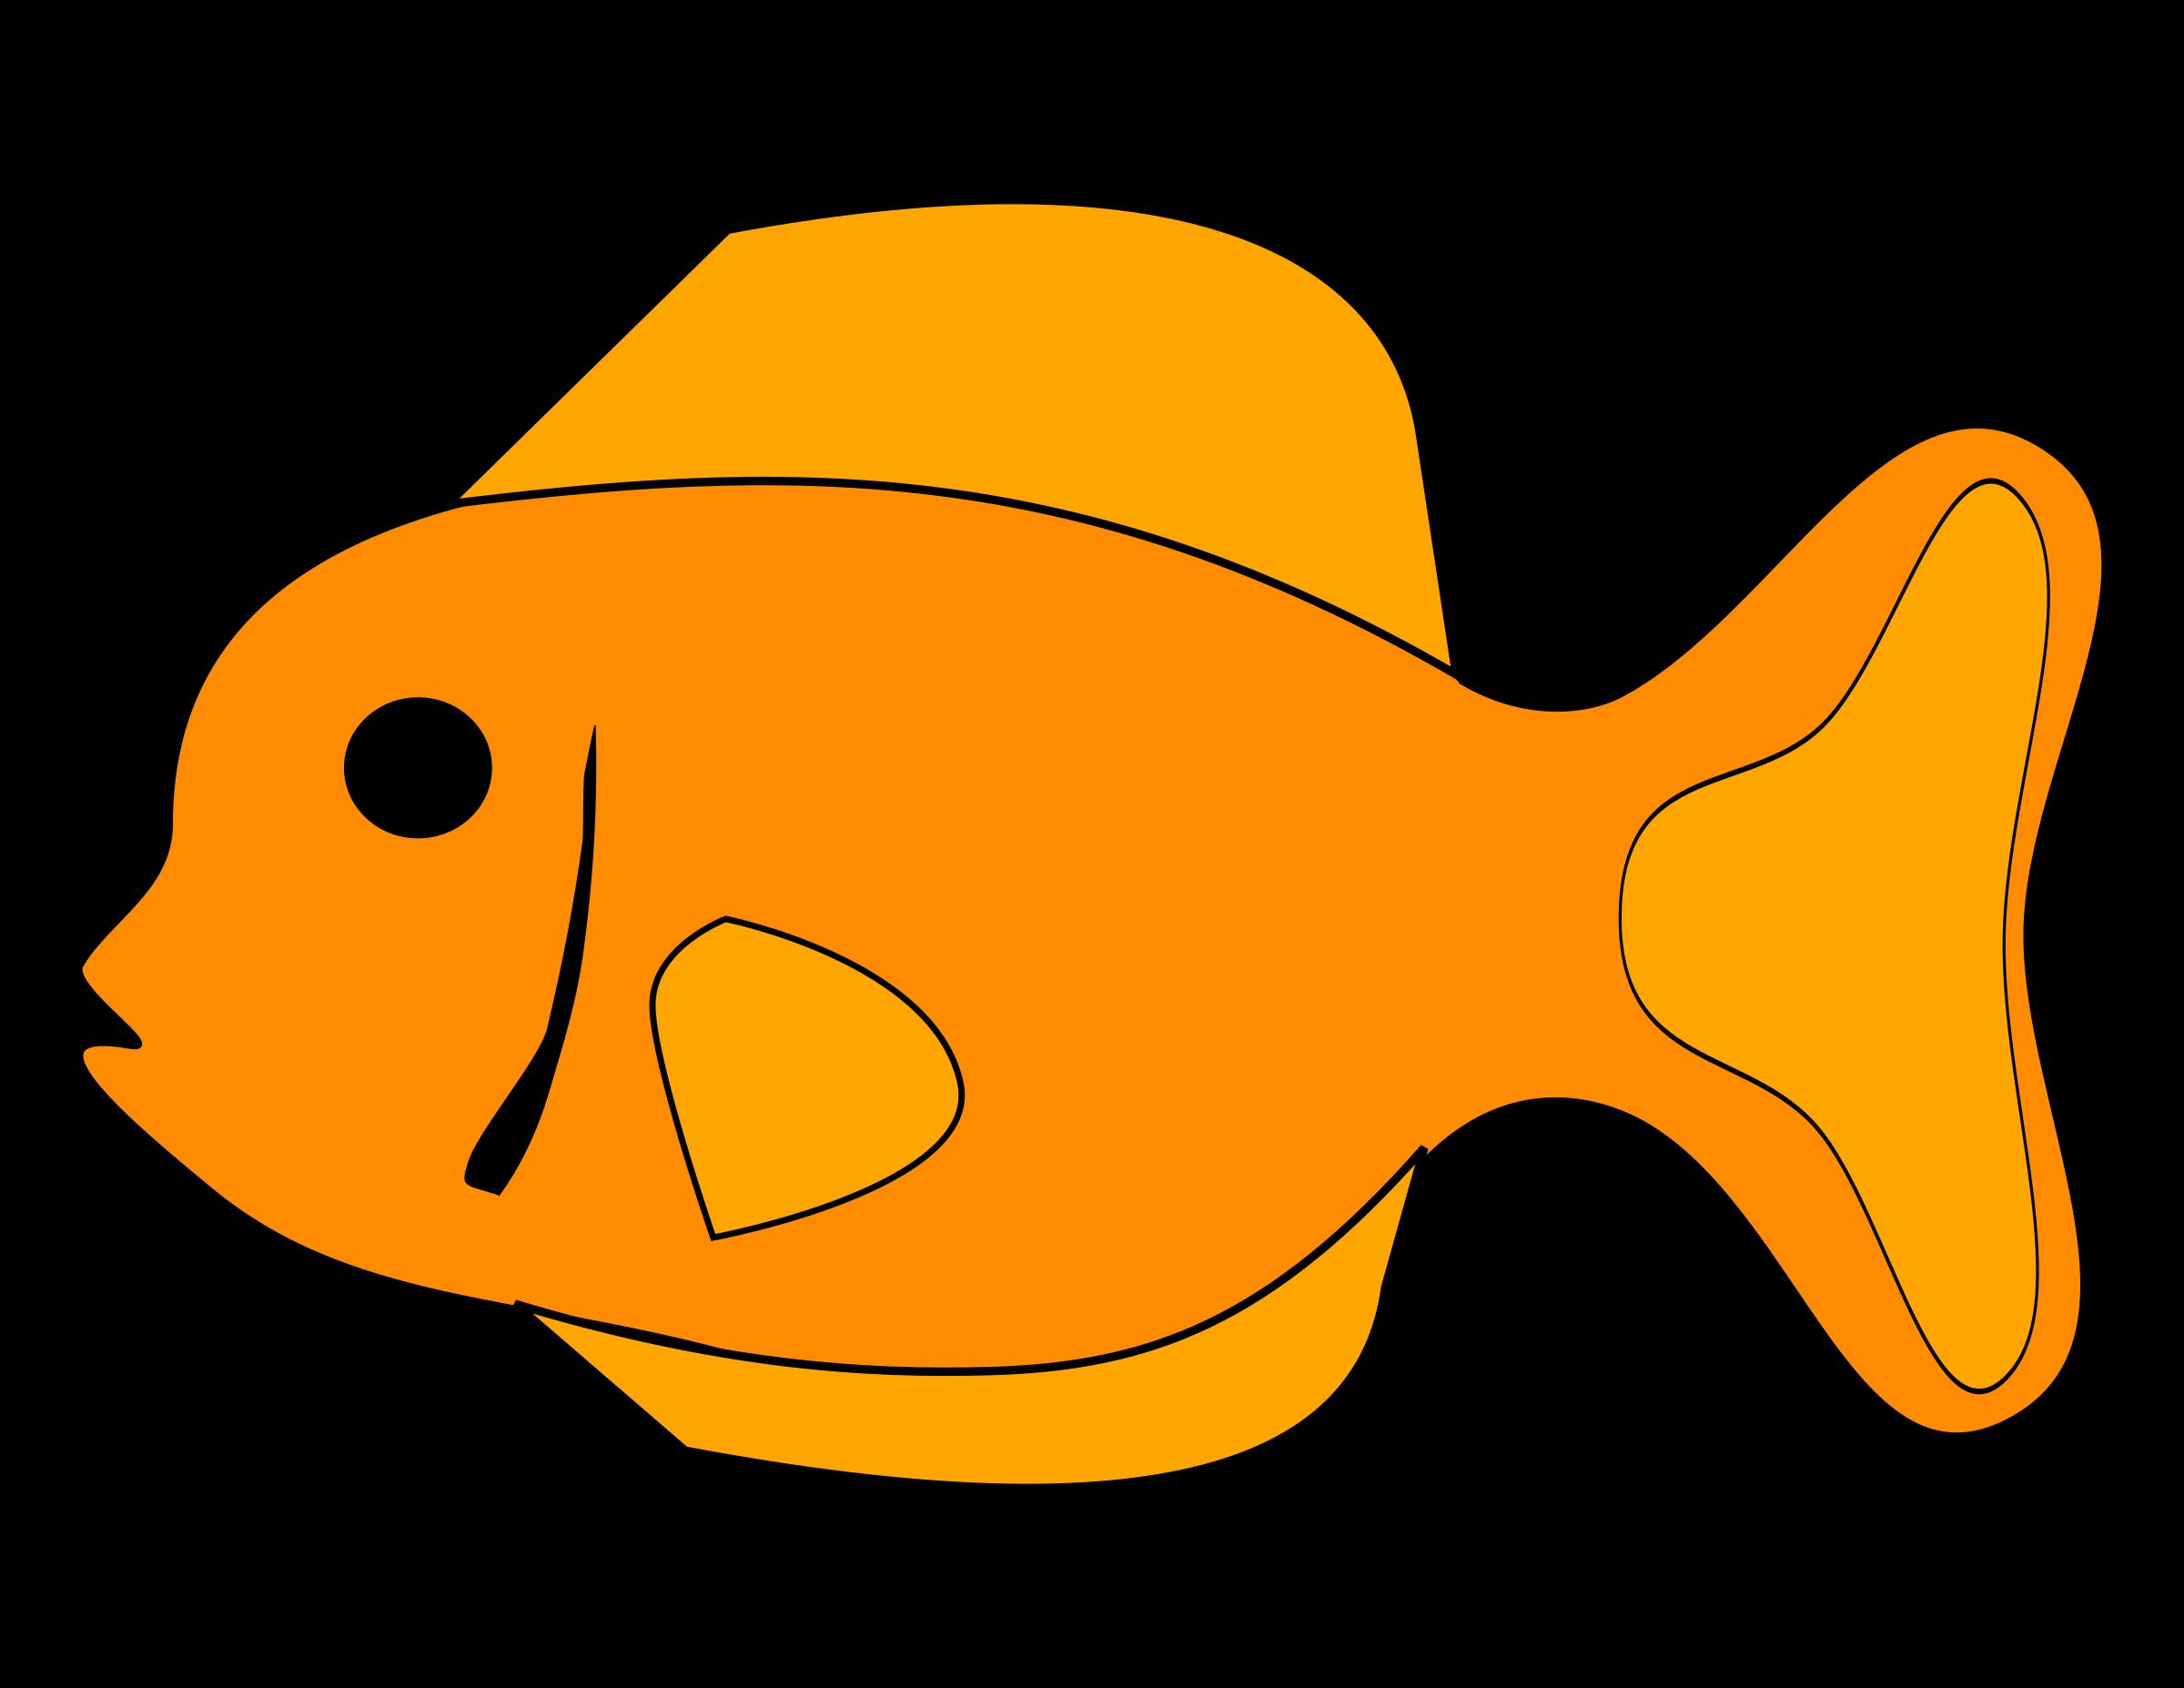 Fish - generic fish by davidblyons